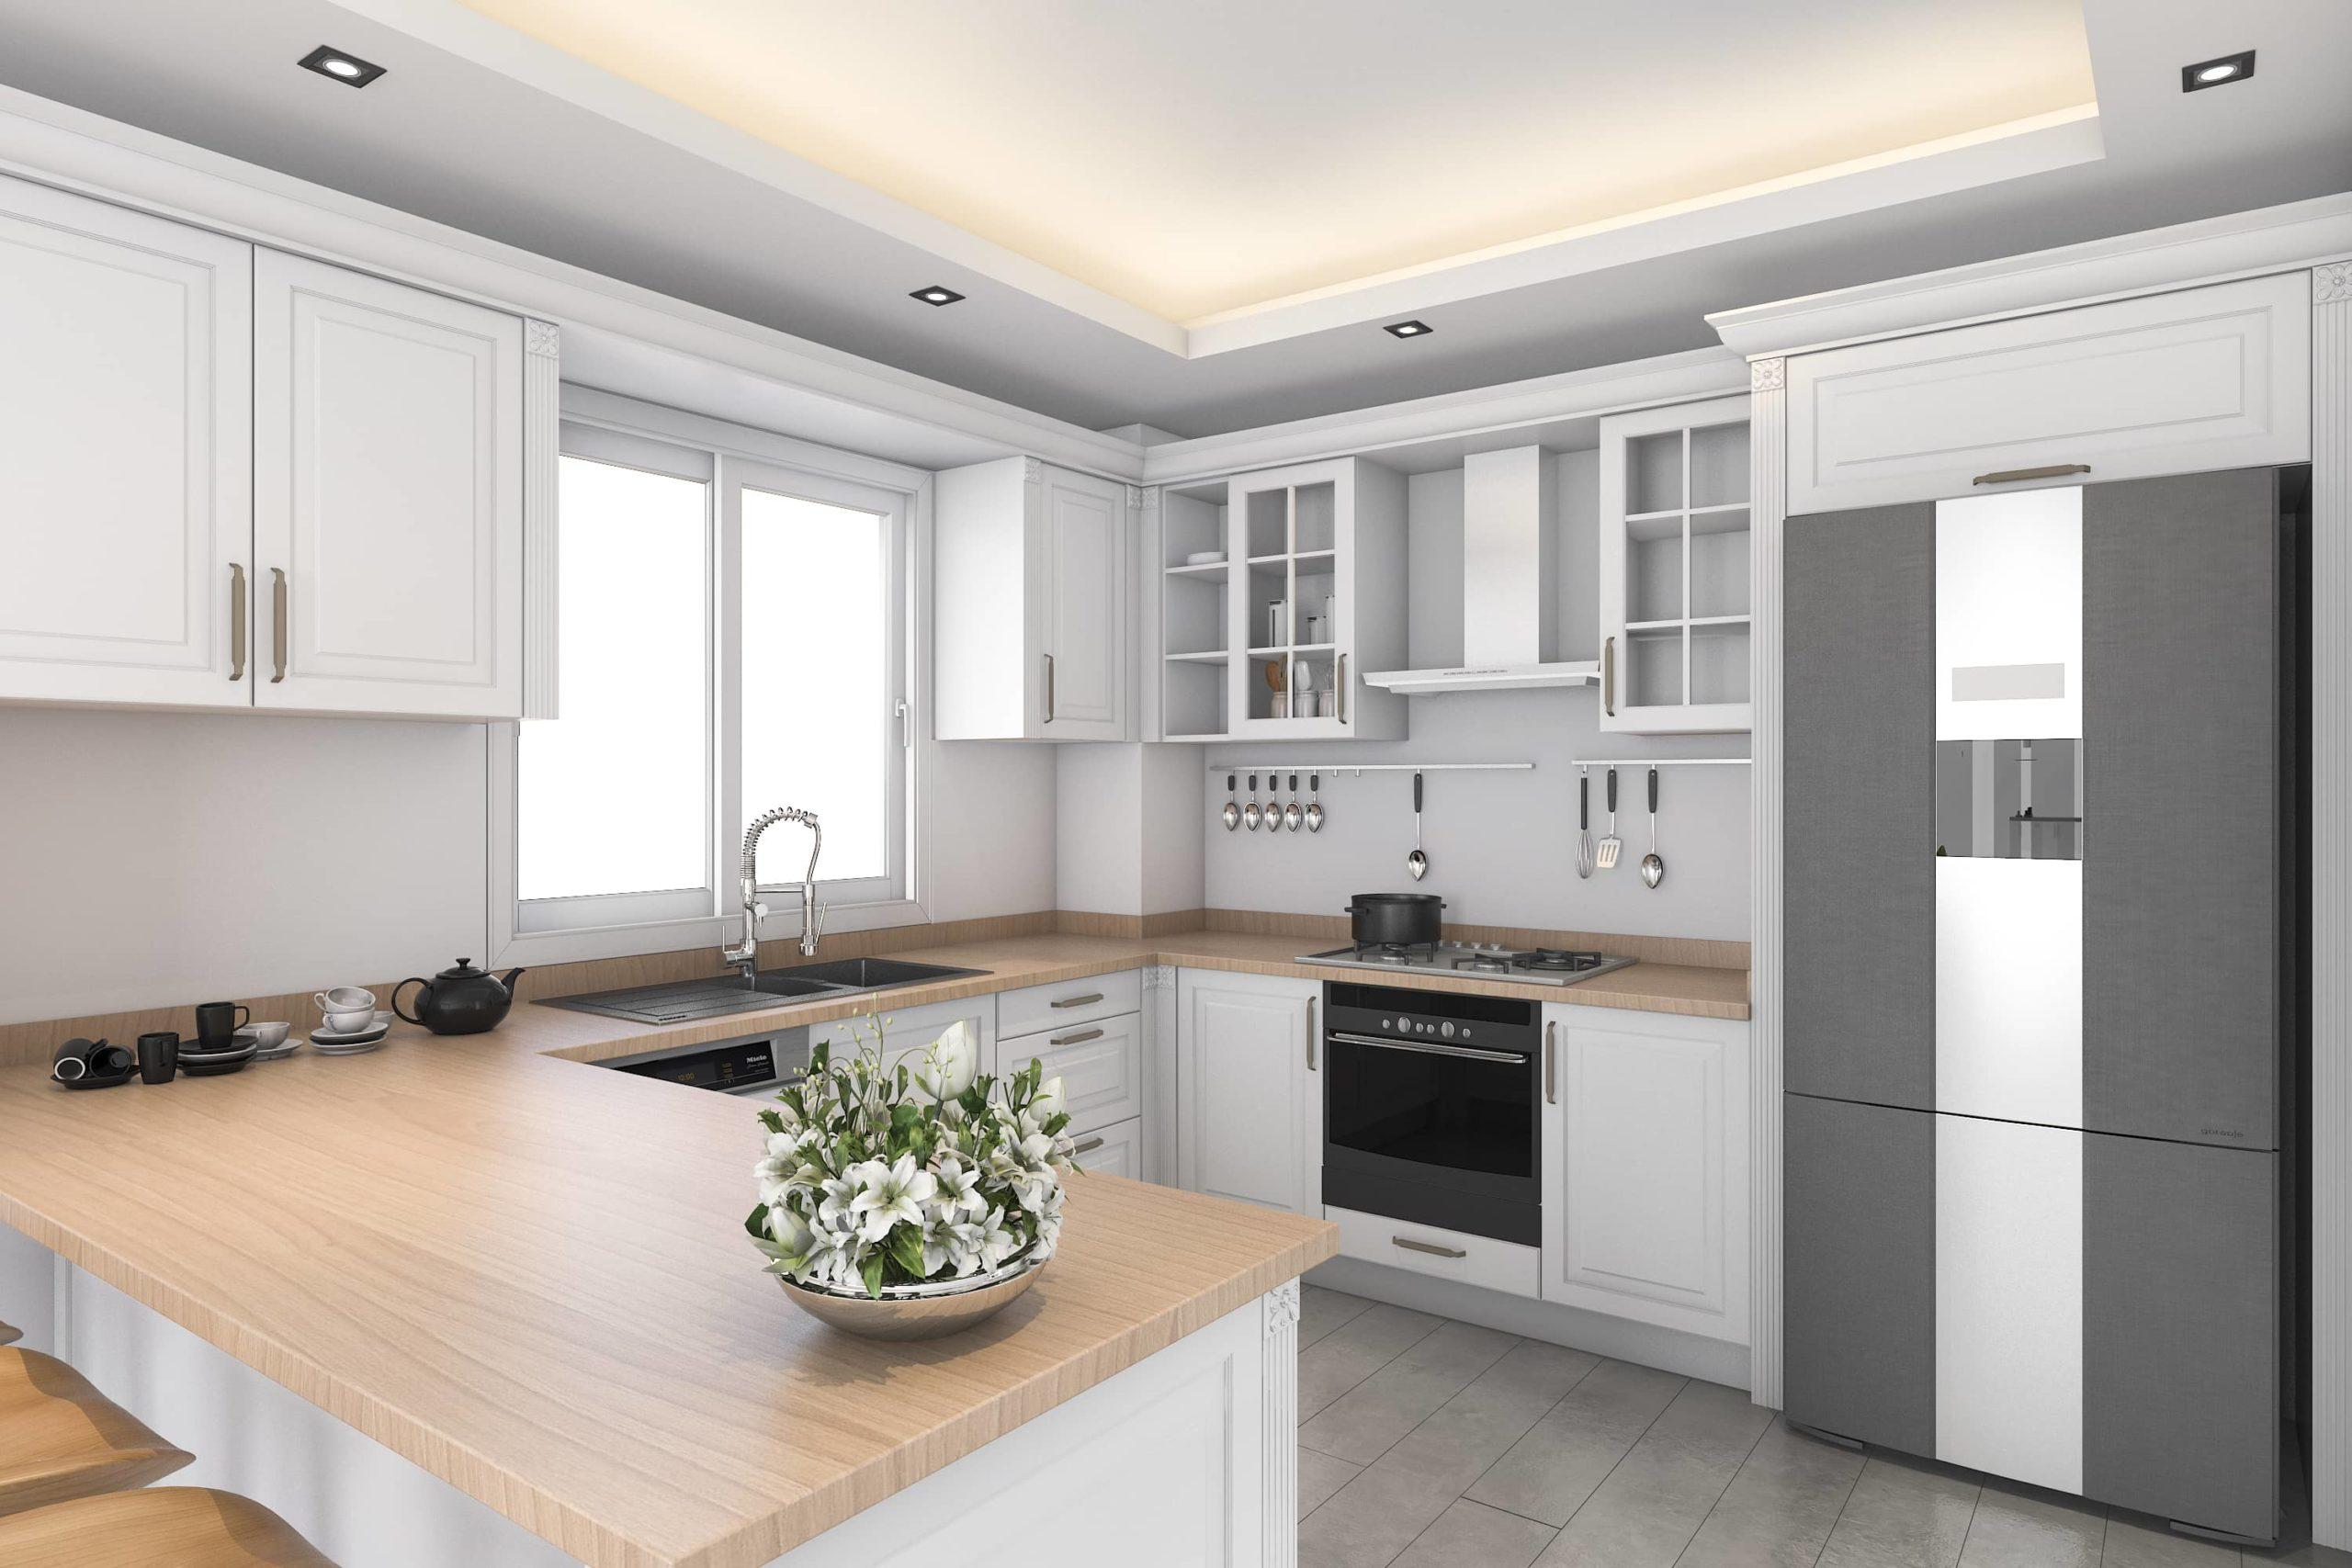 kitchen_tiling